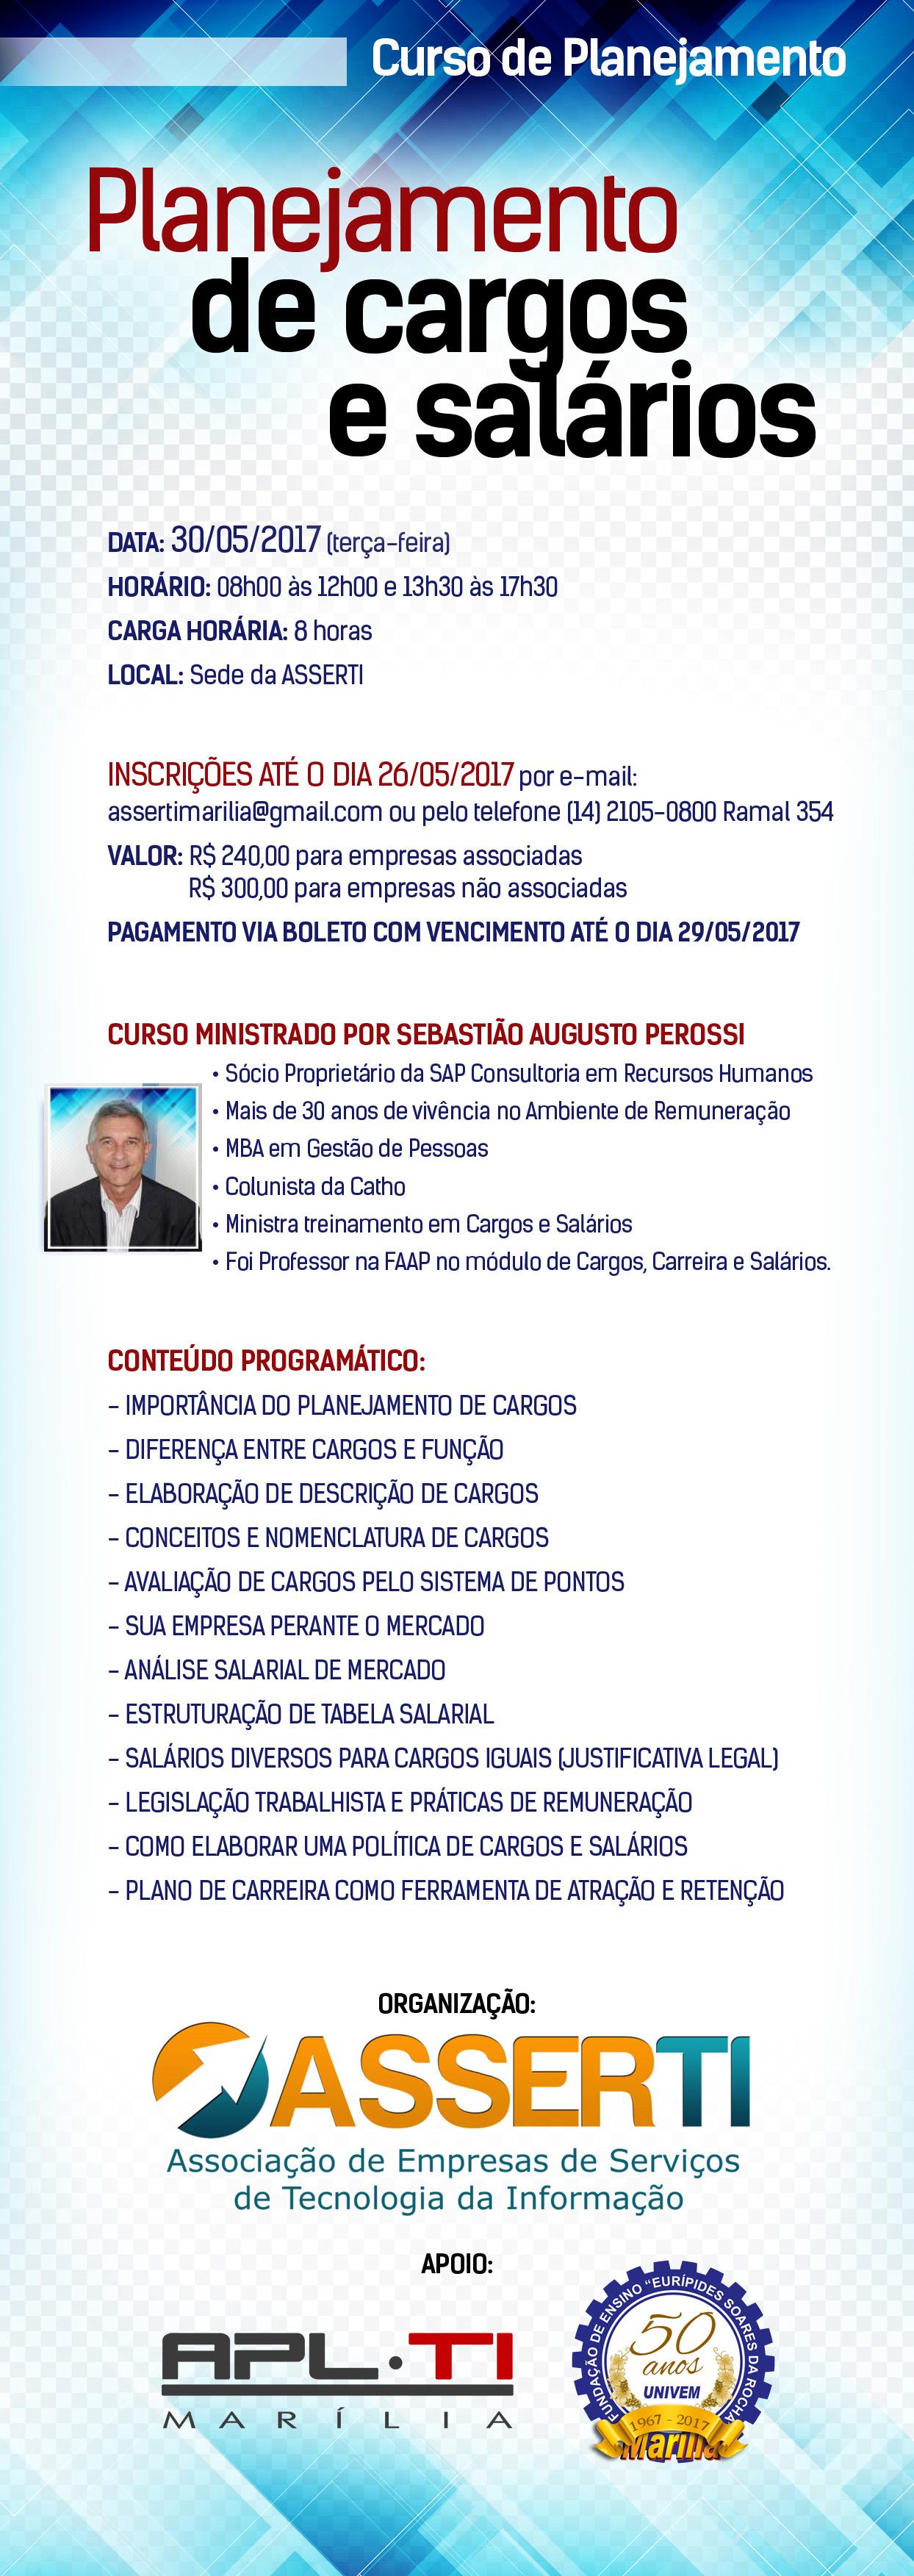 FOLDER CURSO DE PLANEJAMENTO DE CARGOS E SALÁRIOS.jpg